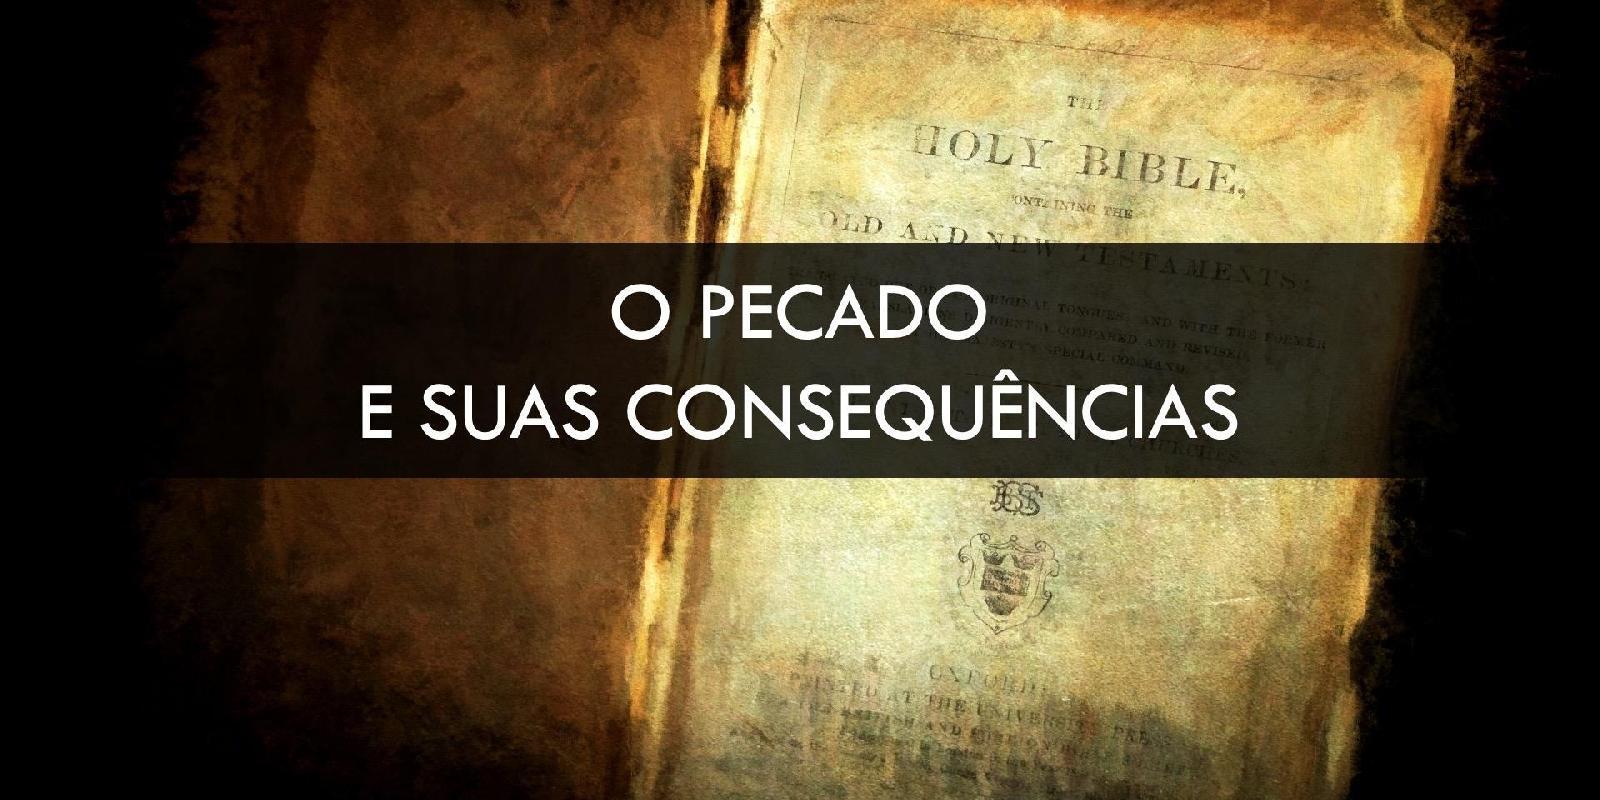 O pecado e suas consequências